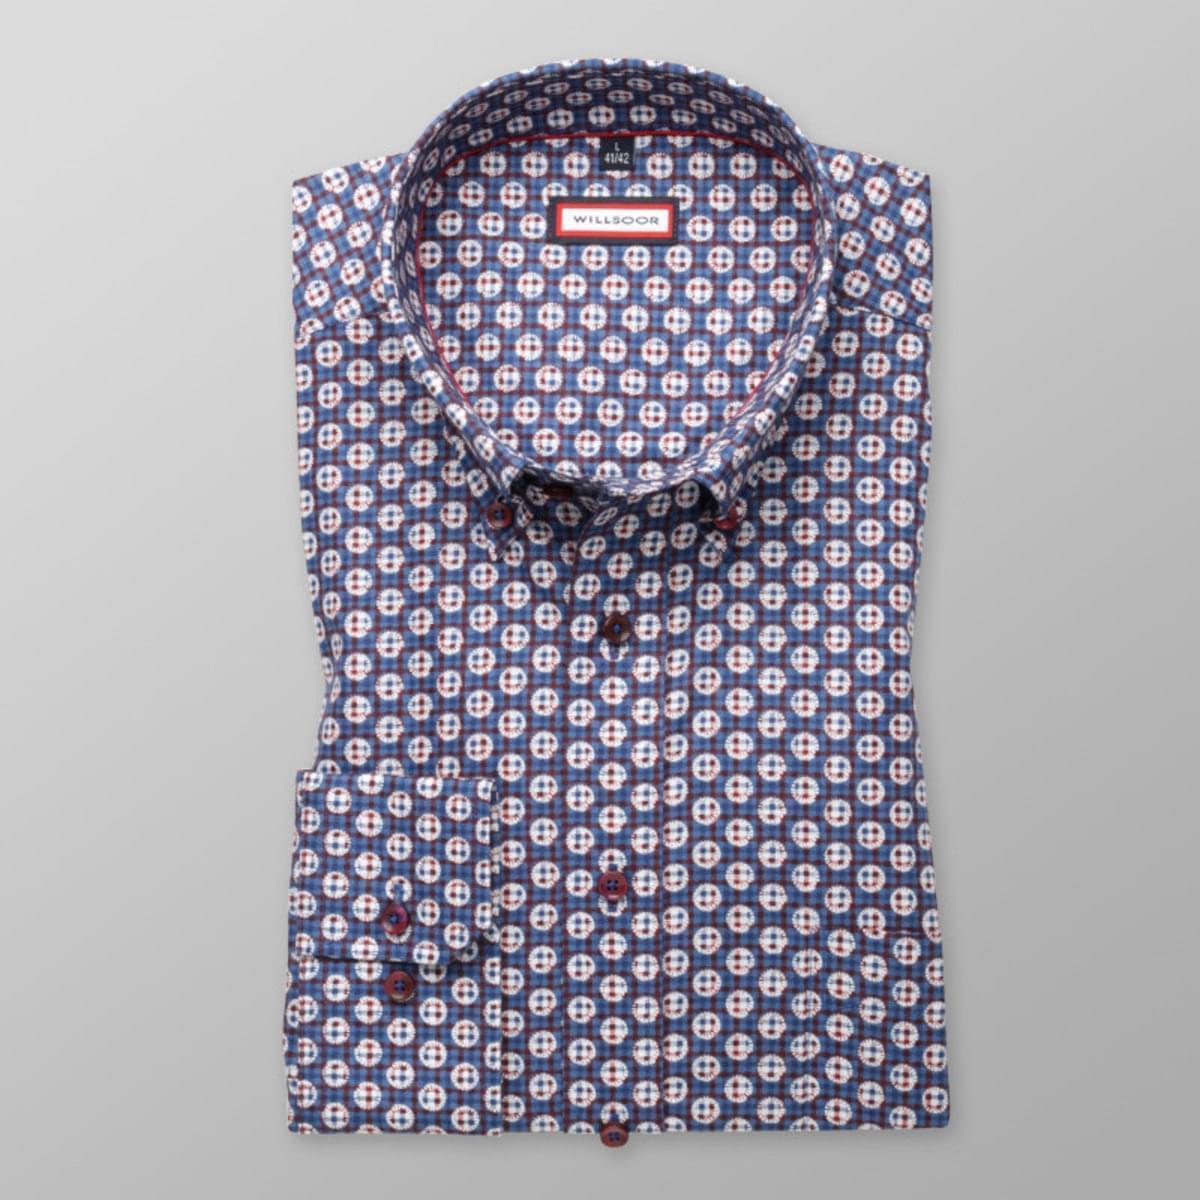 Pánská klasická košile (výška 176-182) 7787 ve tmavě modré barvě s úpravou easy care 176-182 / L (41/42)